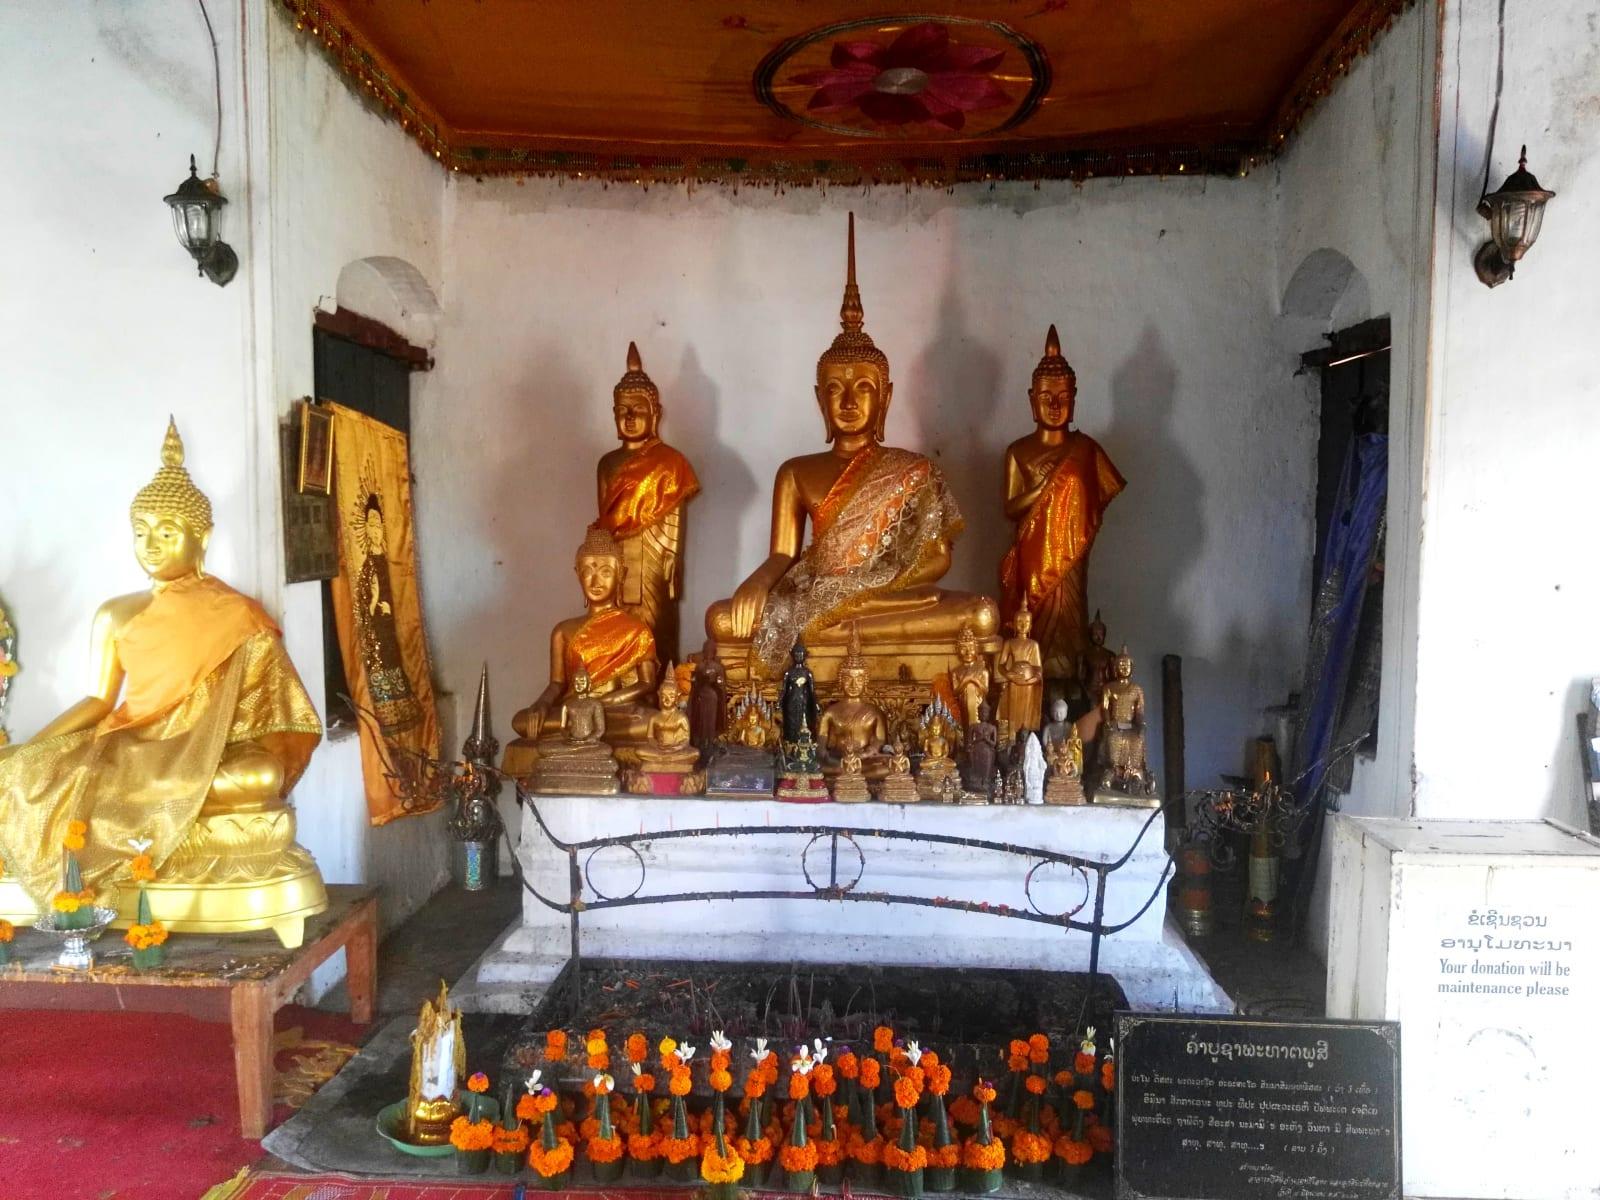 Chrám na Mount Phousi, Luang Prabang, Laos